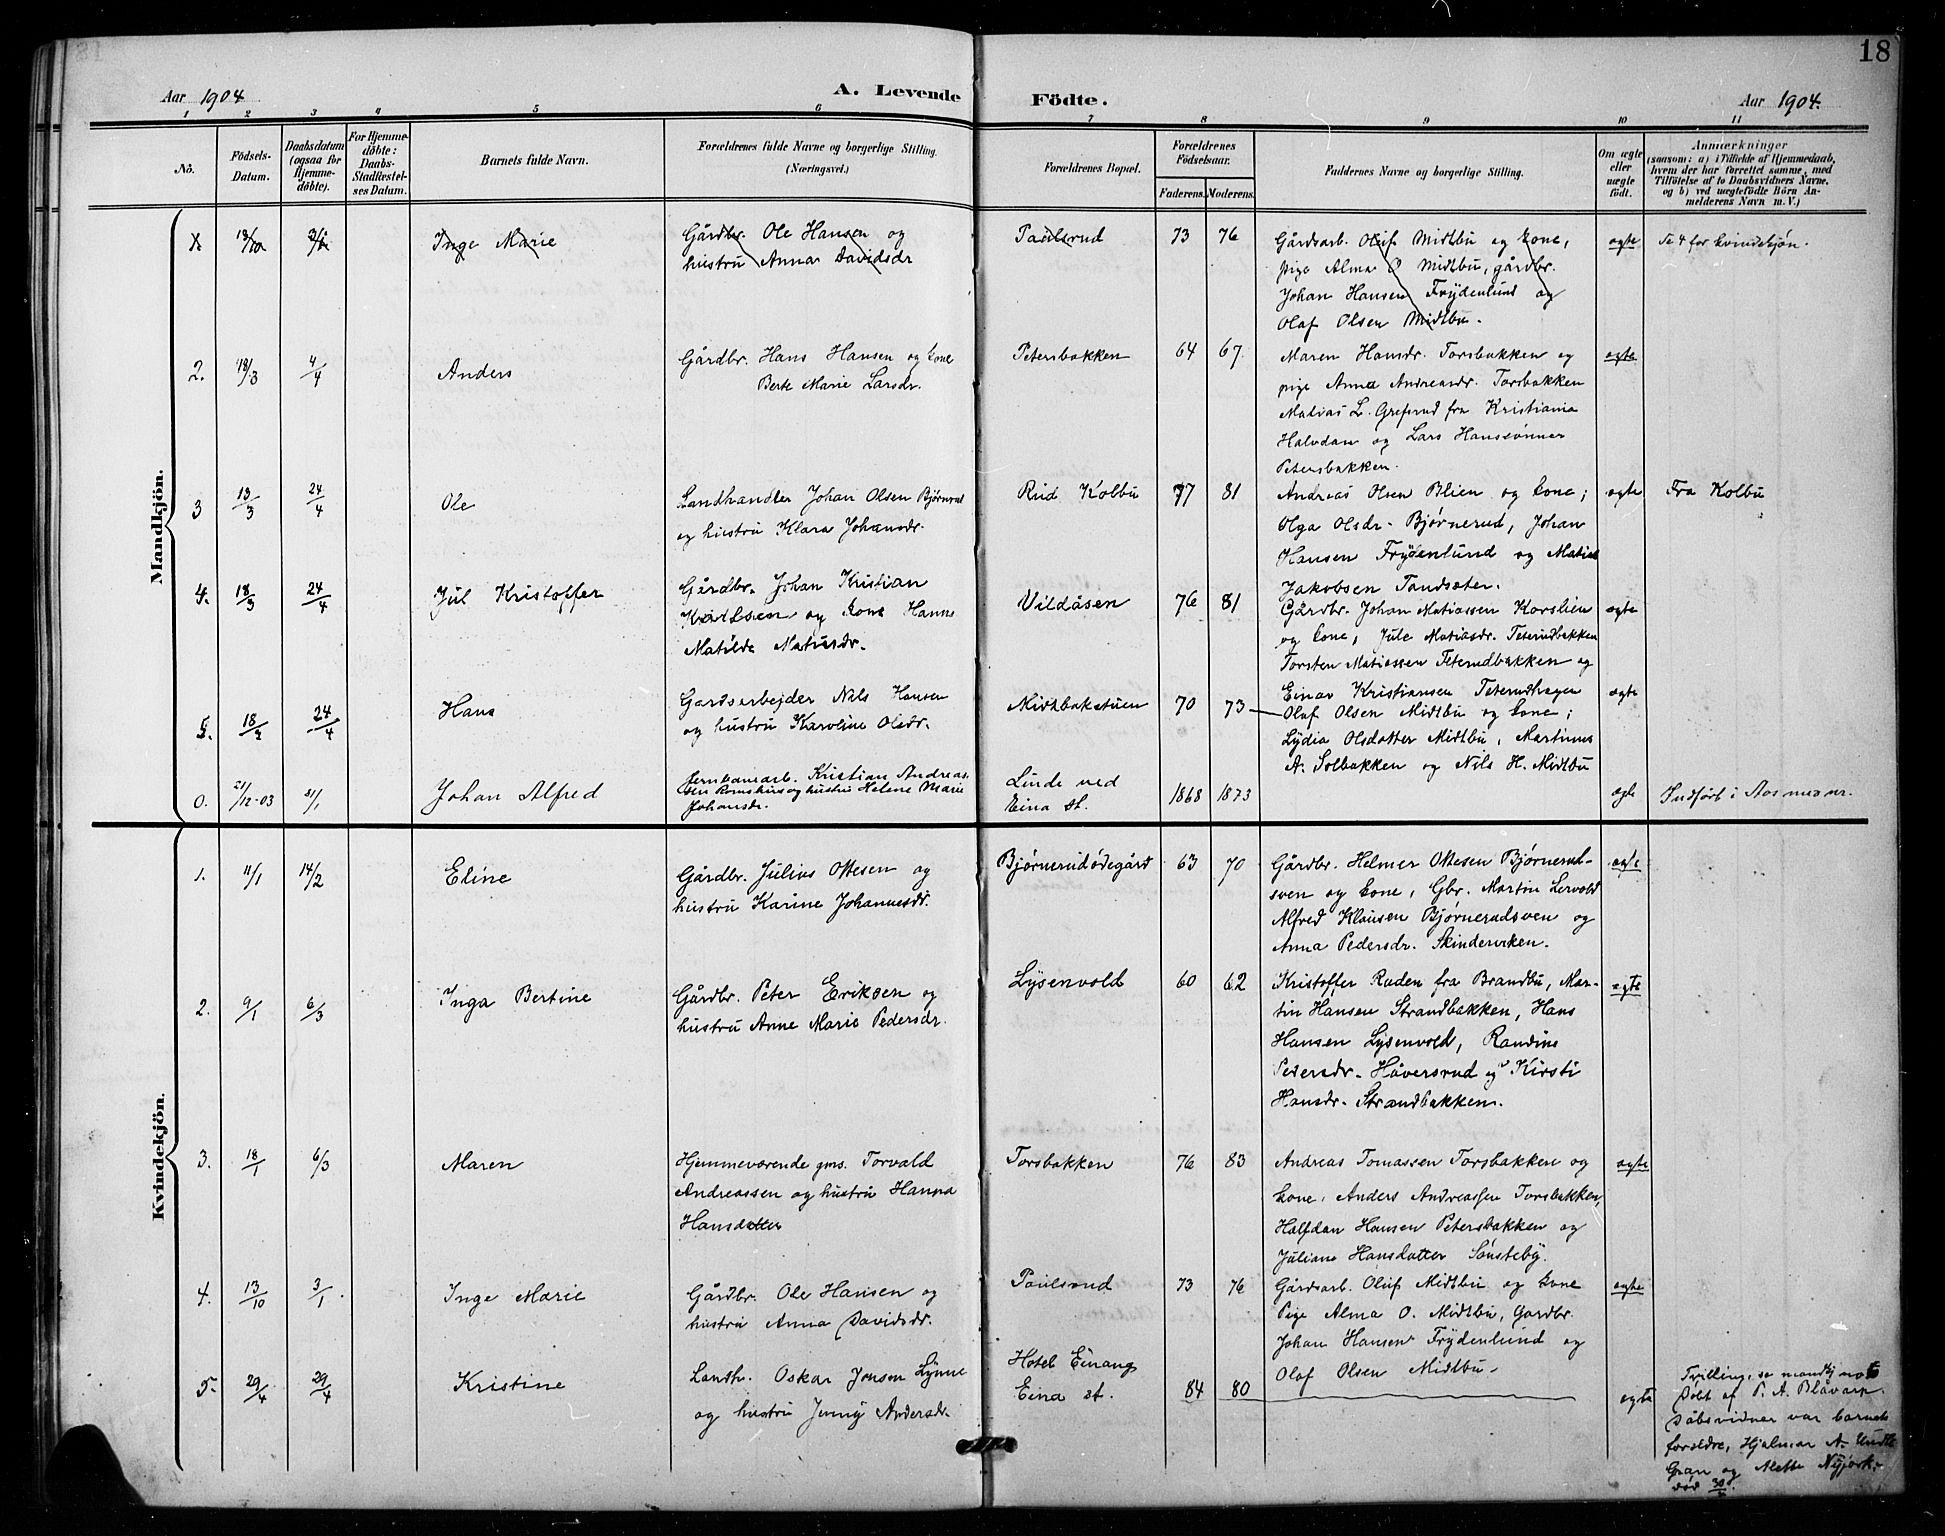 SAH, Vestre Toten prestekontor, Klokkerbok nr. 16, 1901-1915, s. 18